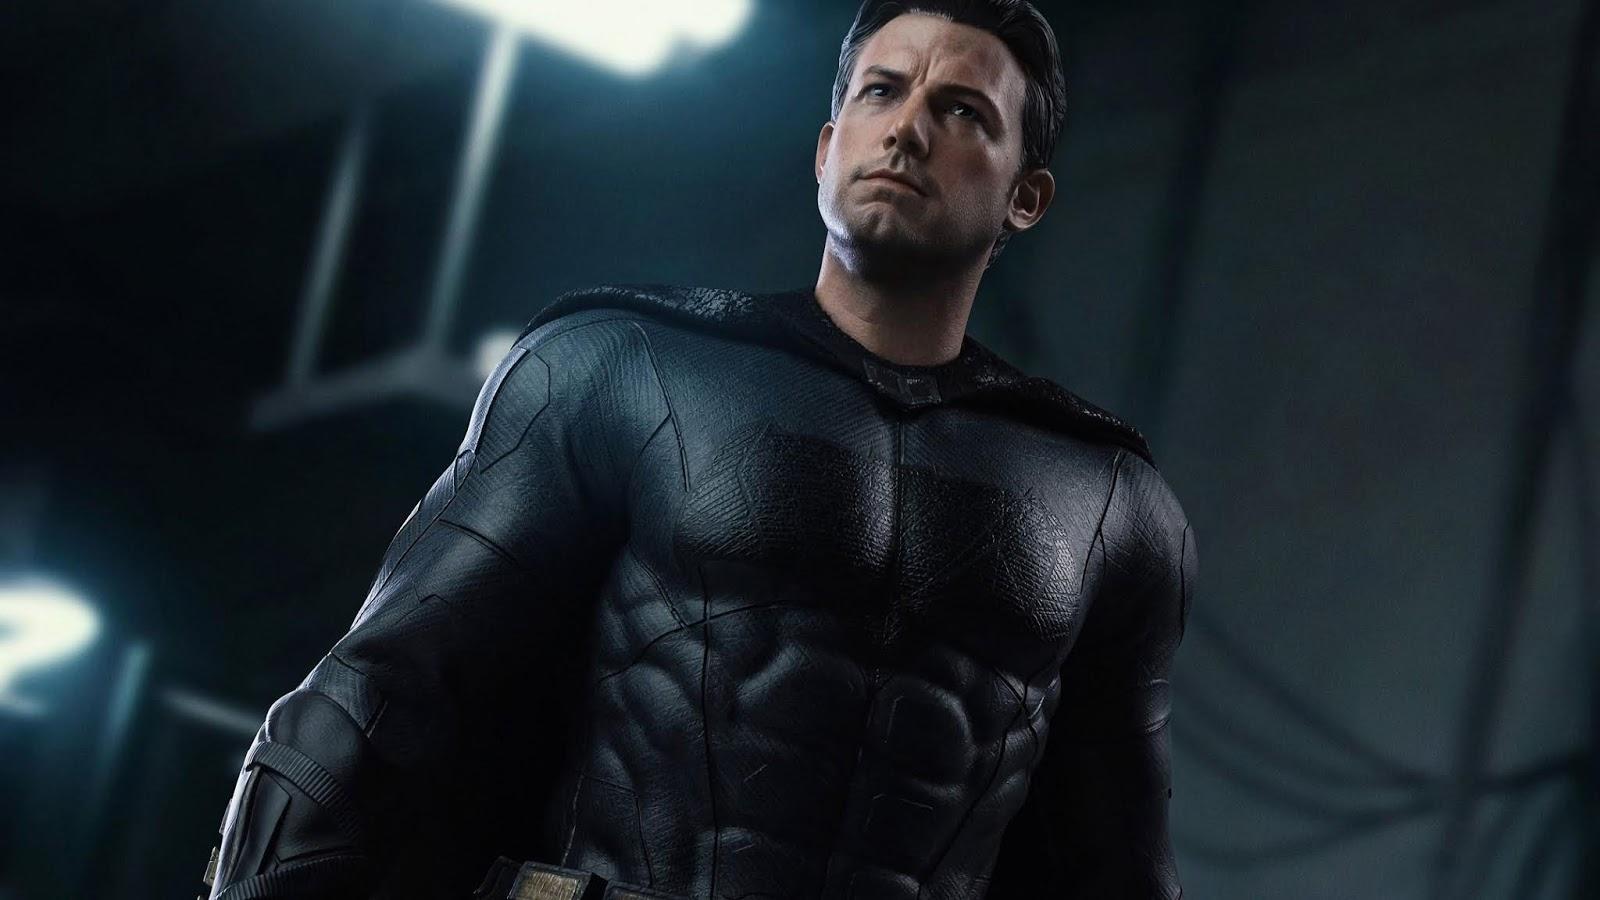 ¿Ben Affleck es el mejor Batman de la historia? - El ...